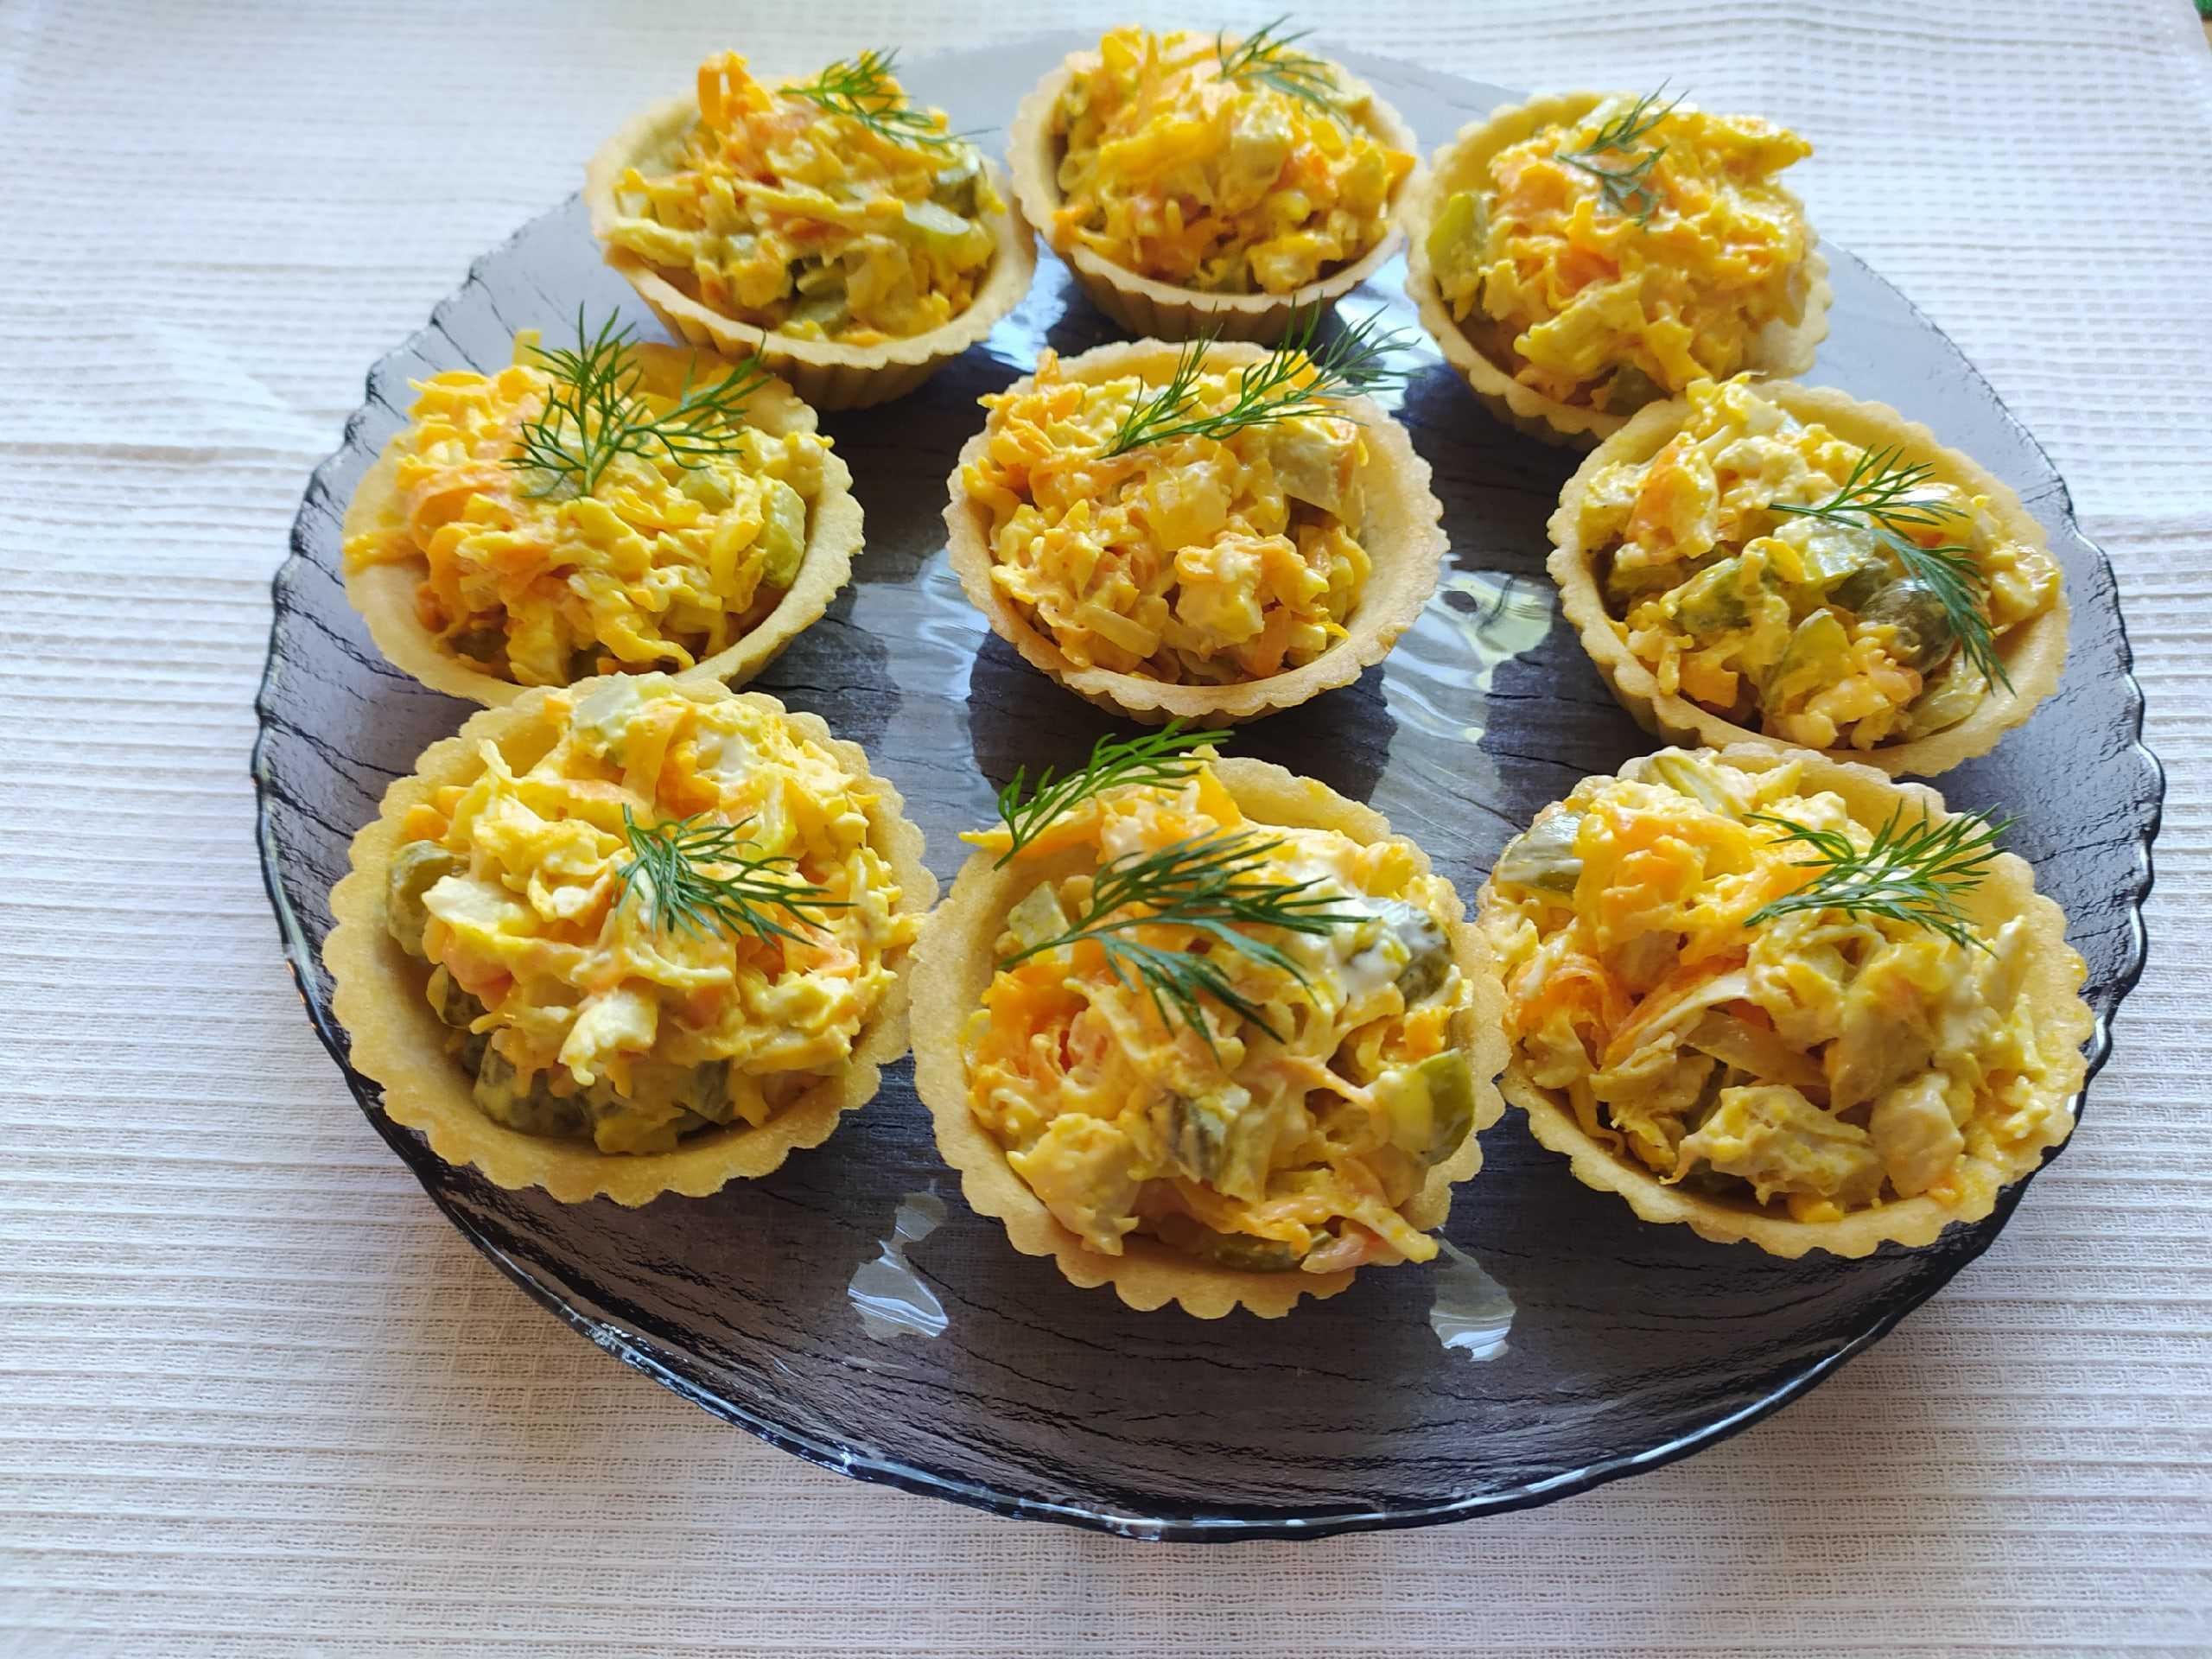 Порционный салат в тарталетках калейдоскоп рецепт с фото пошагово - 1000.menu